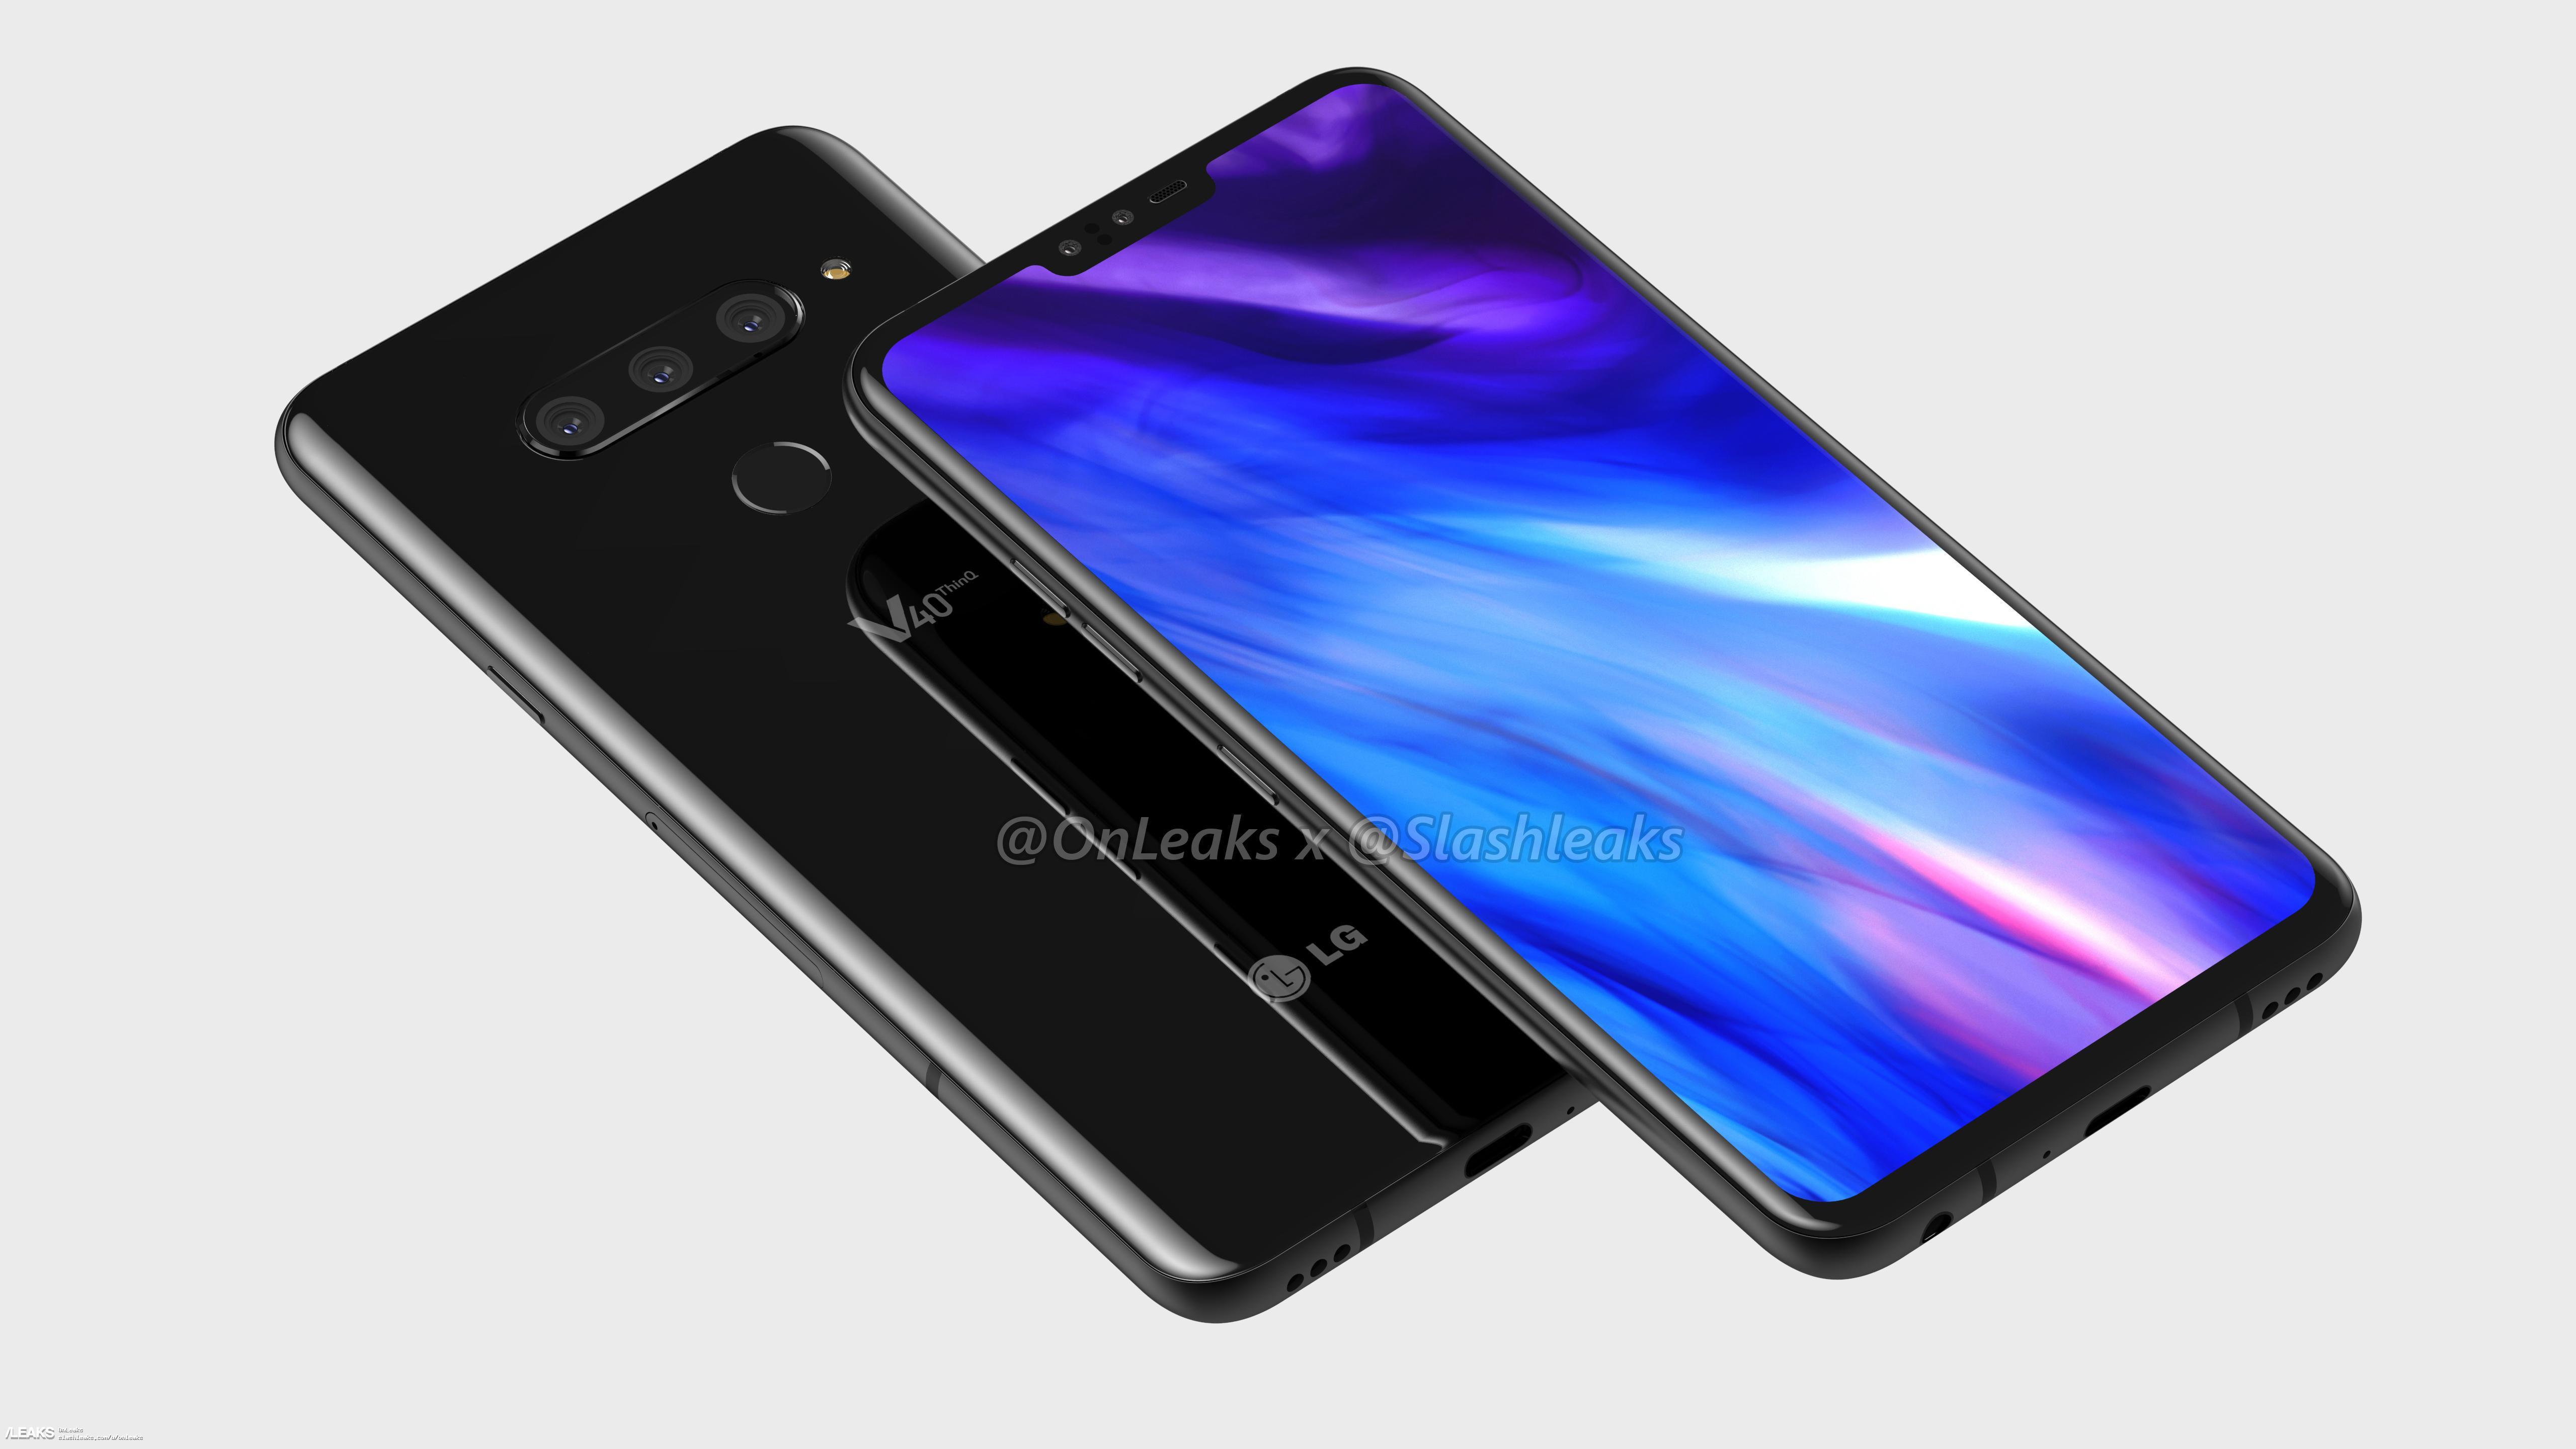 LG V40 ThinQ : une date de présentation pour le smartphone au triple capteur photo